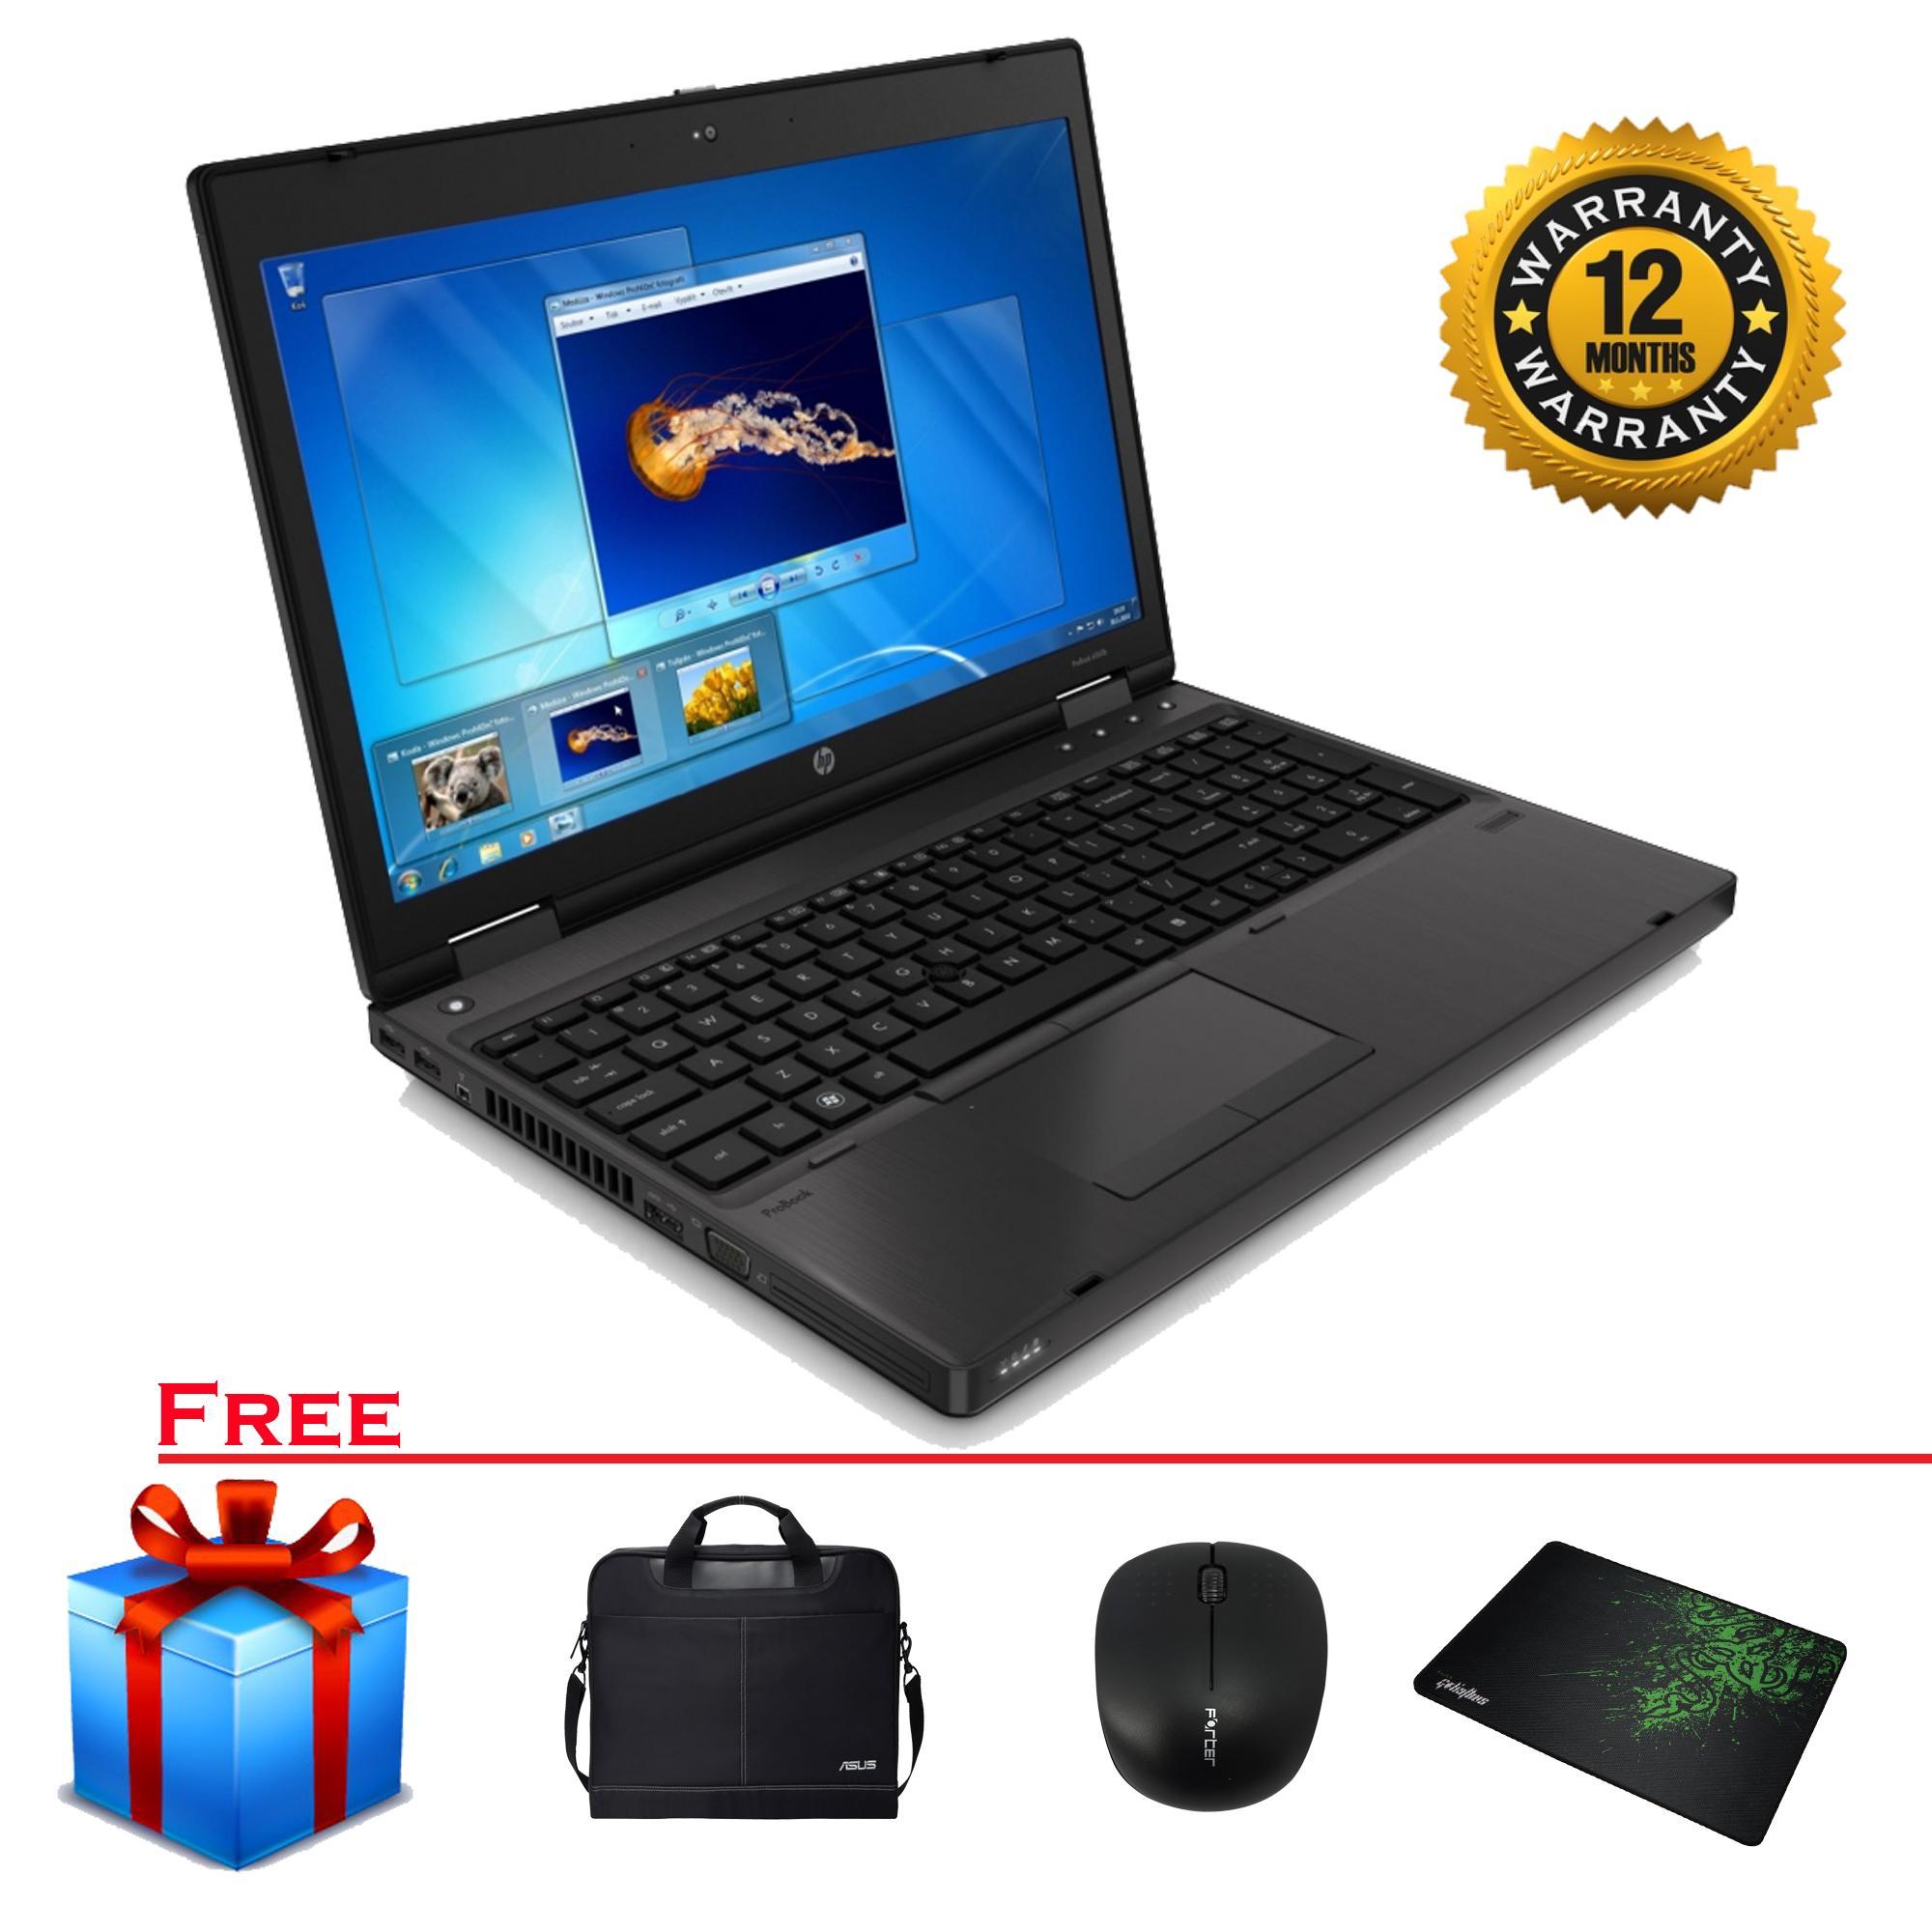 Laptop HP Probook 6560b Core I5-2320M/ Ram 4Gb/ SSD 240Gb Siêu Tốc/ 15.6 Inch HD Bàn Phím Số - Hàng Xách Tay Siêu Khuyến Mại